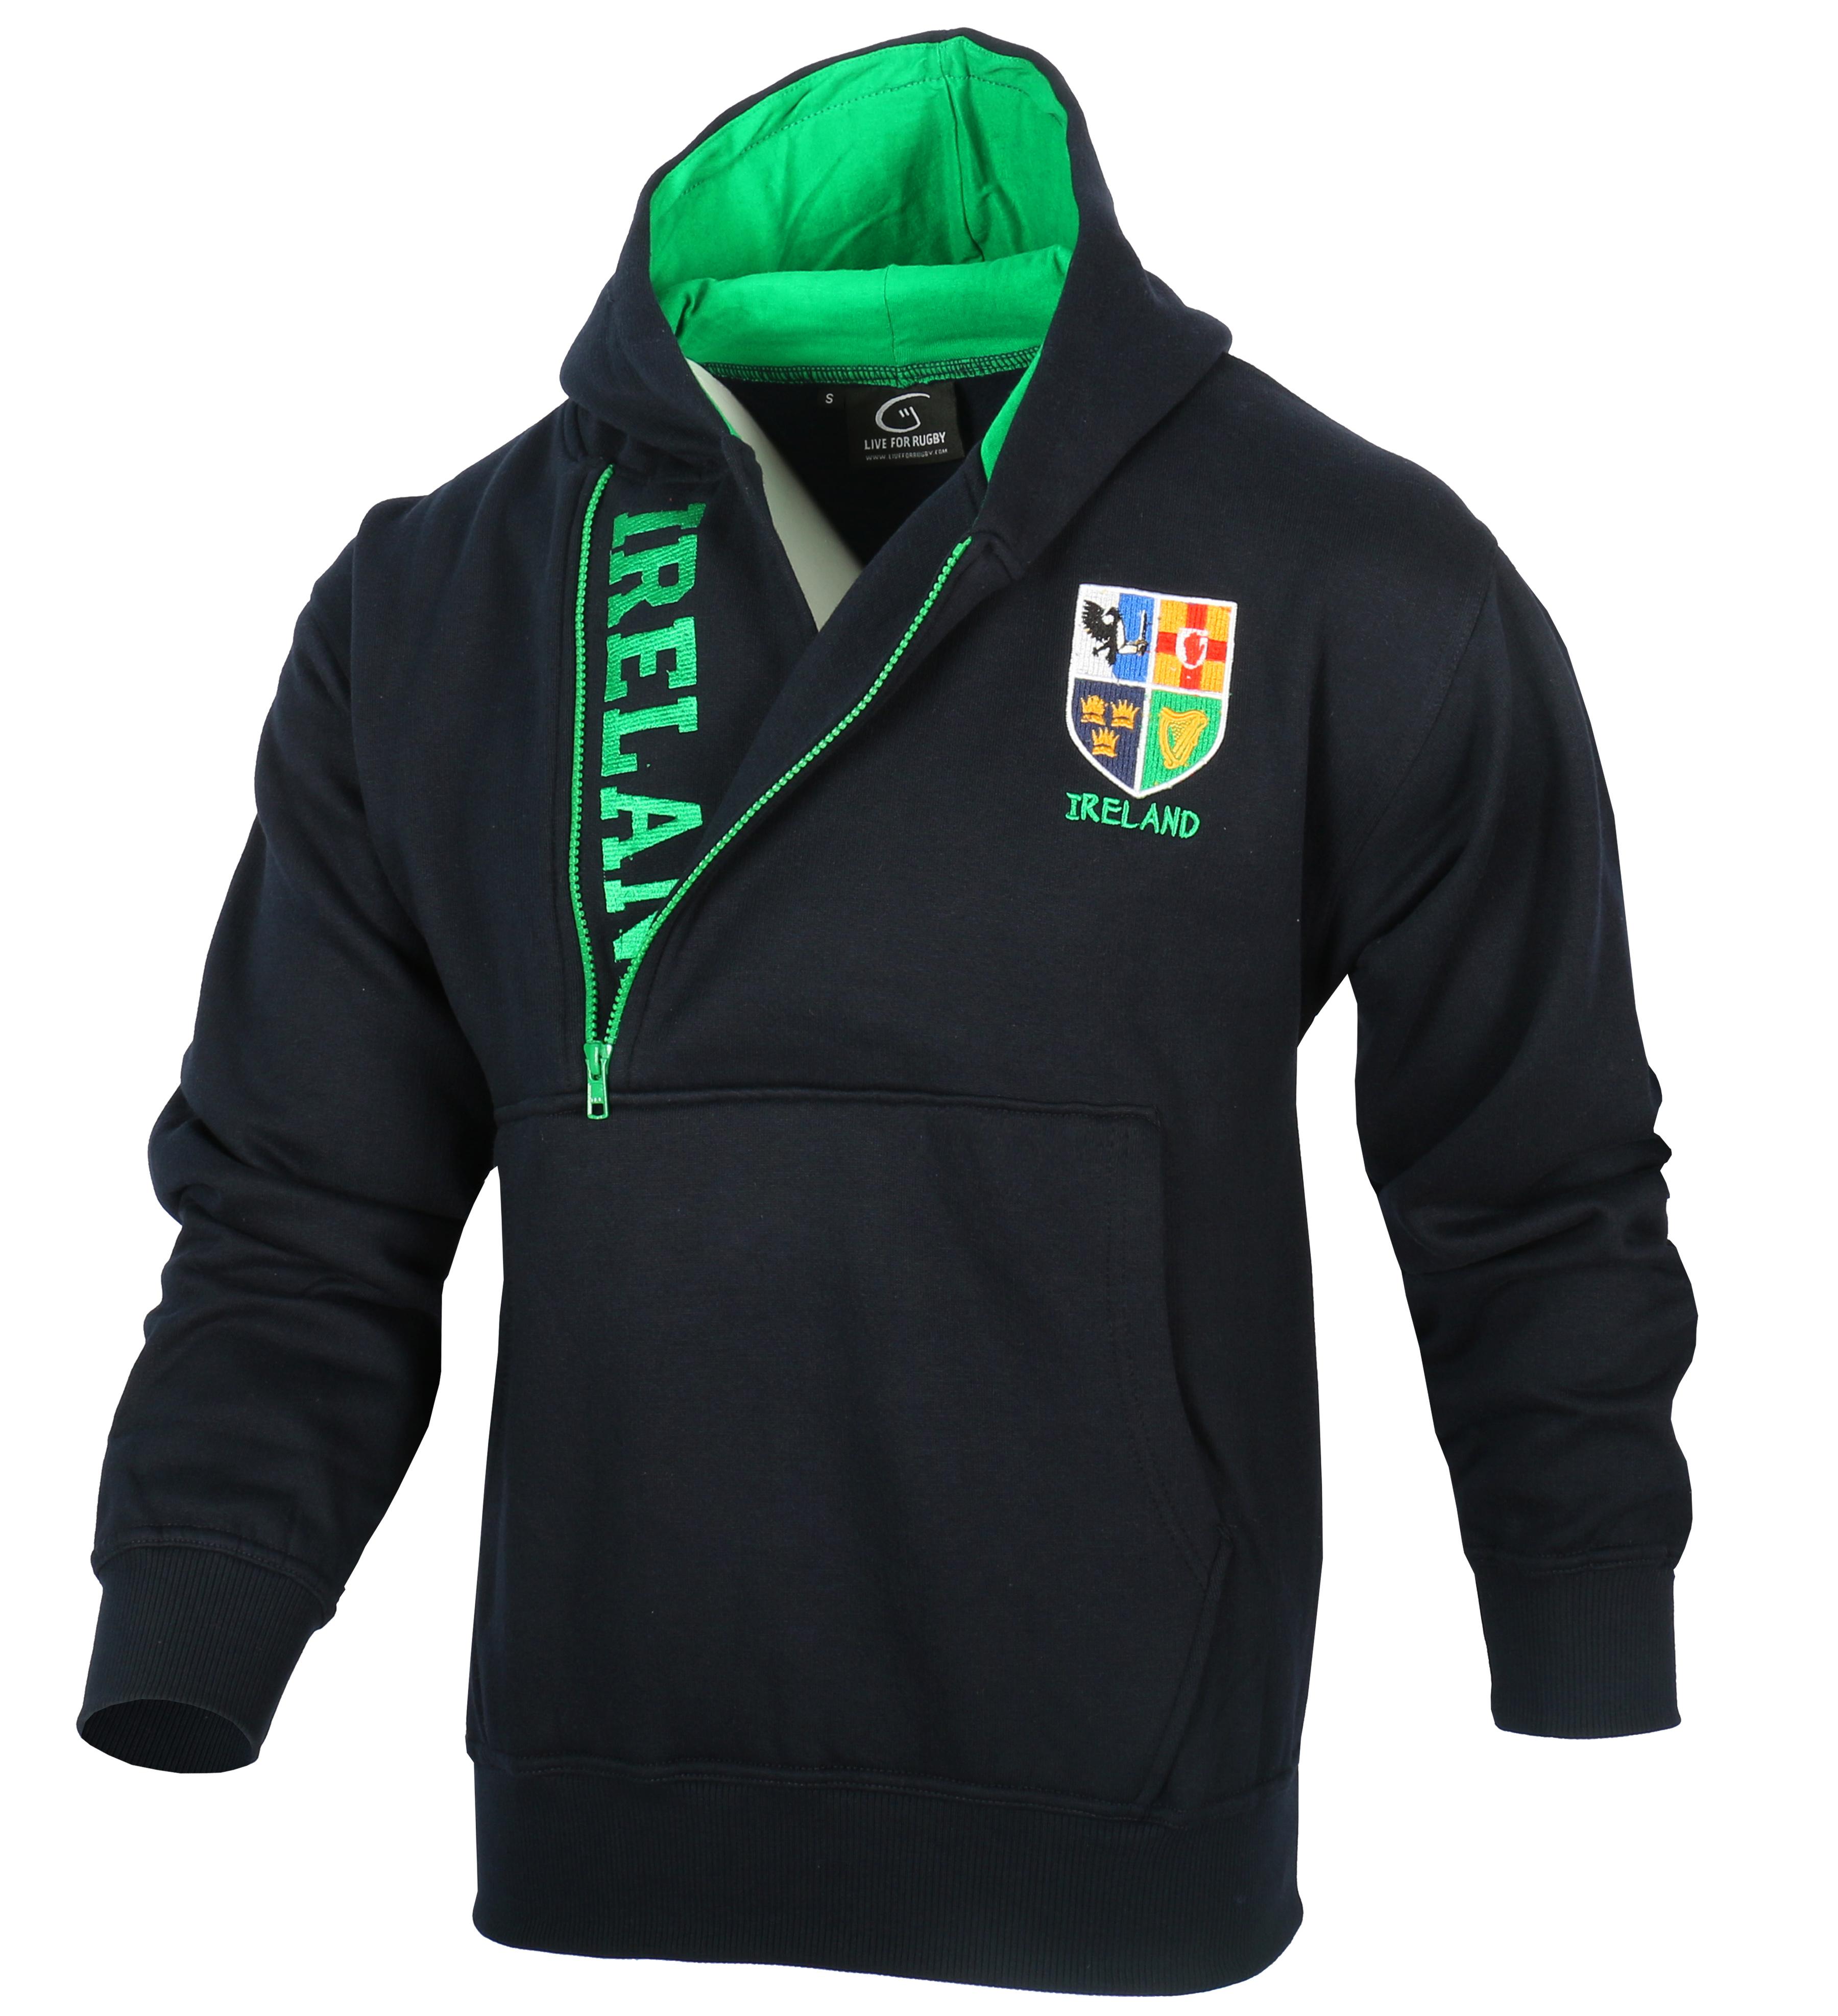 Men-039-s-Half-Zip-Hoodie-Pullover-Sweatshirt-Ireland-Navy-and-Green thumbnail 7